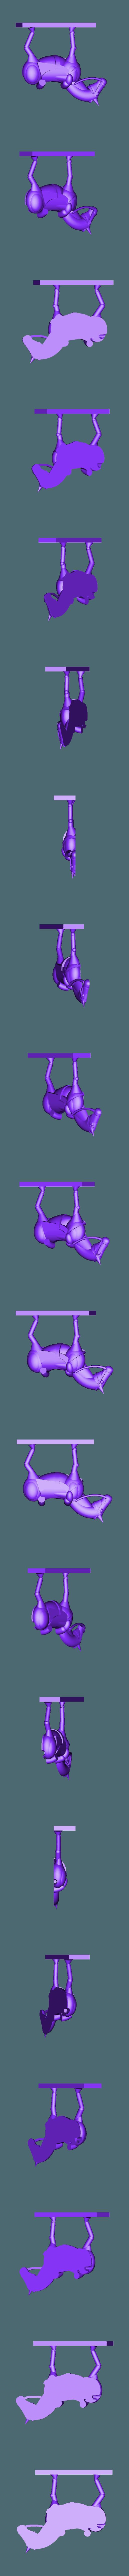 mk3_aus_huss_horse1_split_a_1.stl Télécharger fichier STL gratuit Napoléonique - Partie 20 - Hussards autrichiens • Design pour impression 3D, Earsling